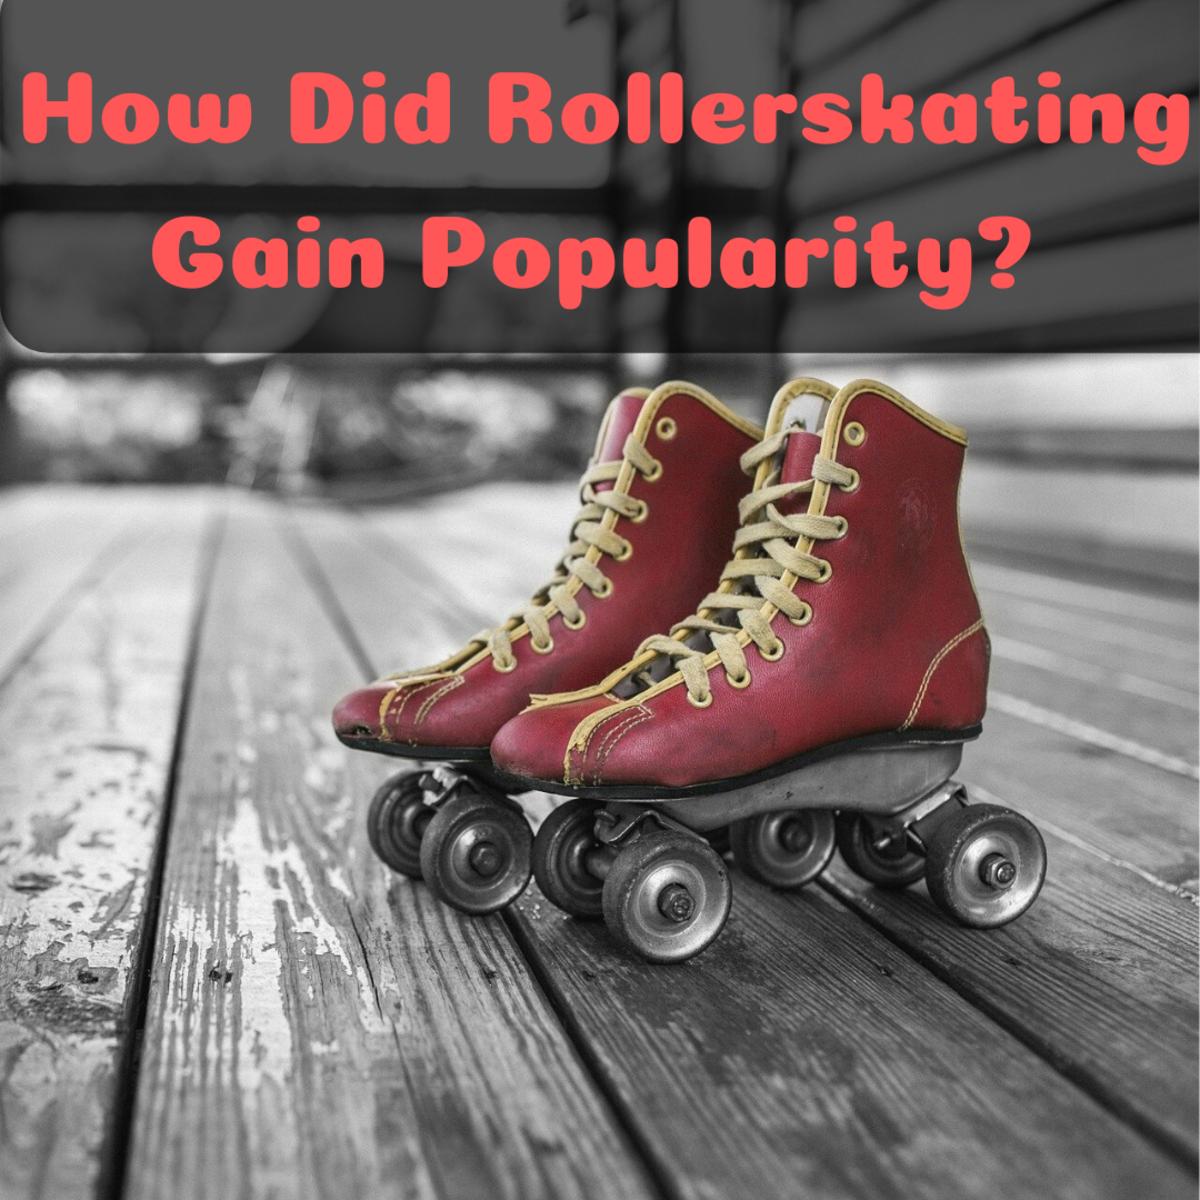 Roller Skates: A True Cultural Phenomenon